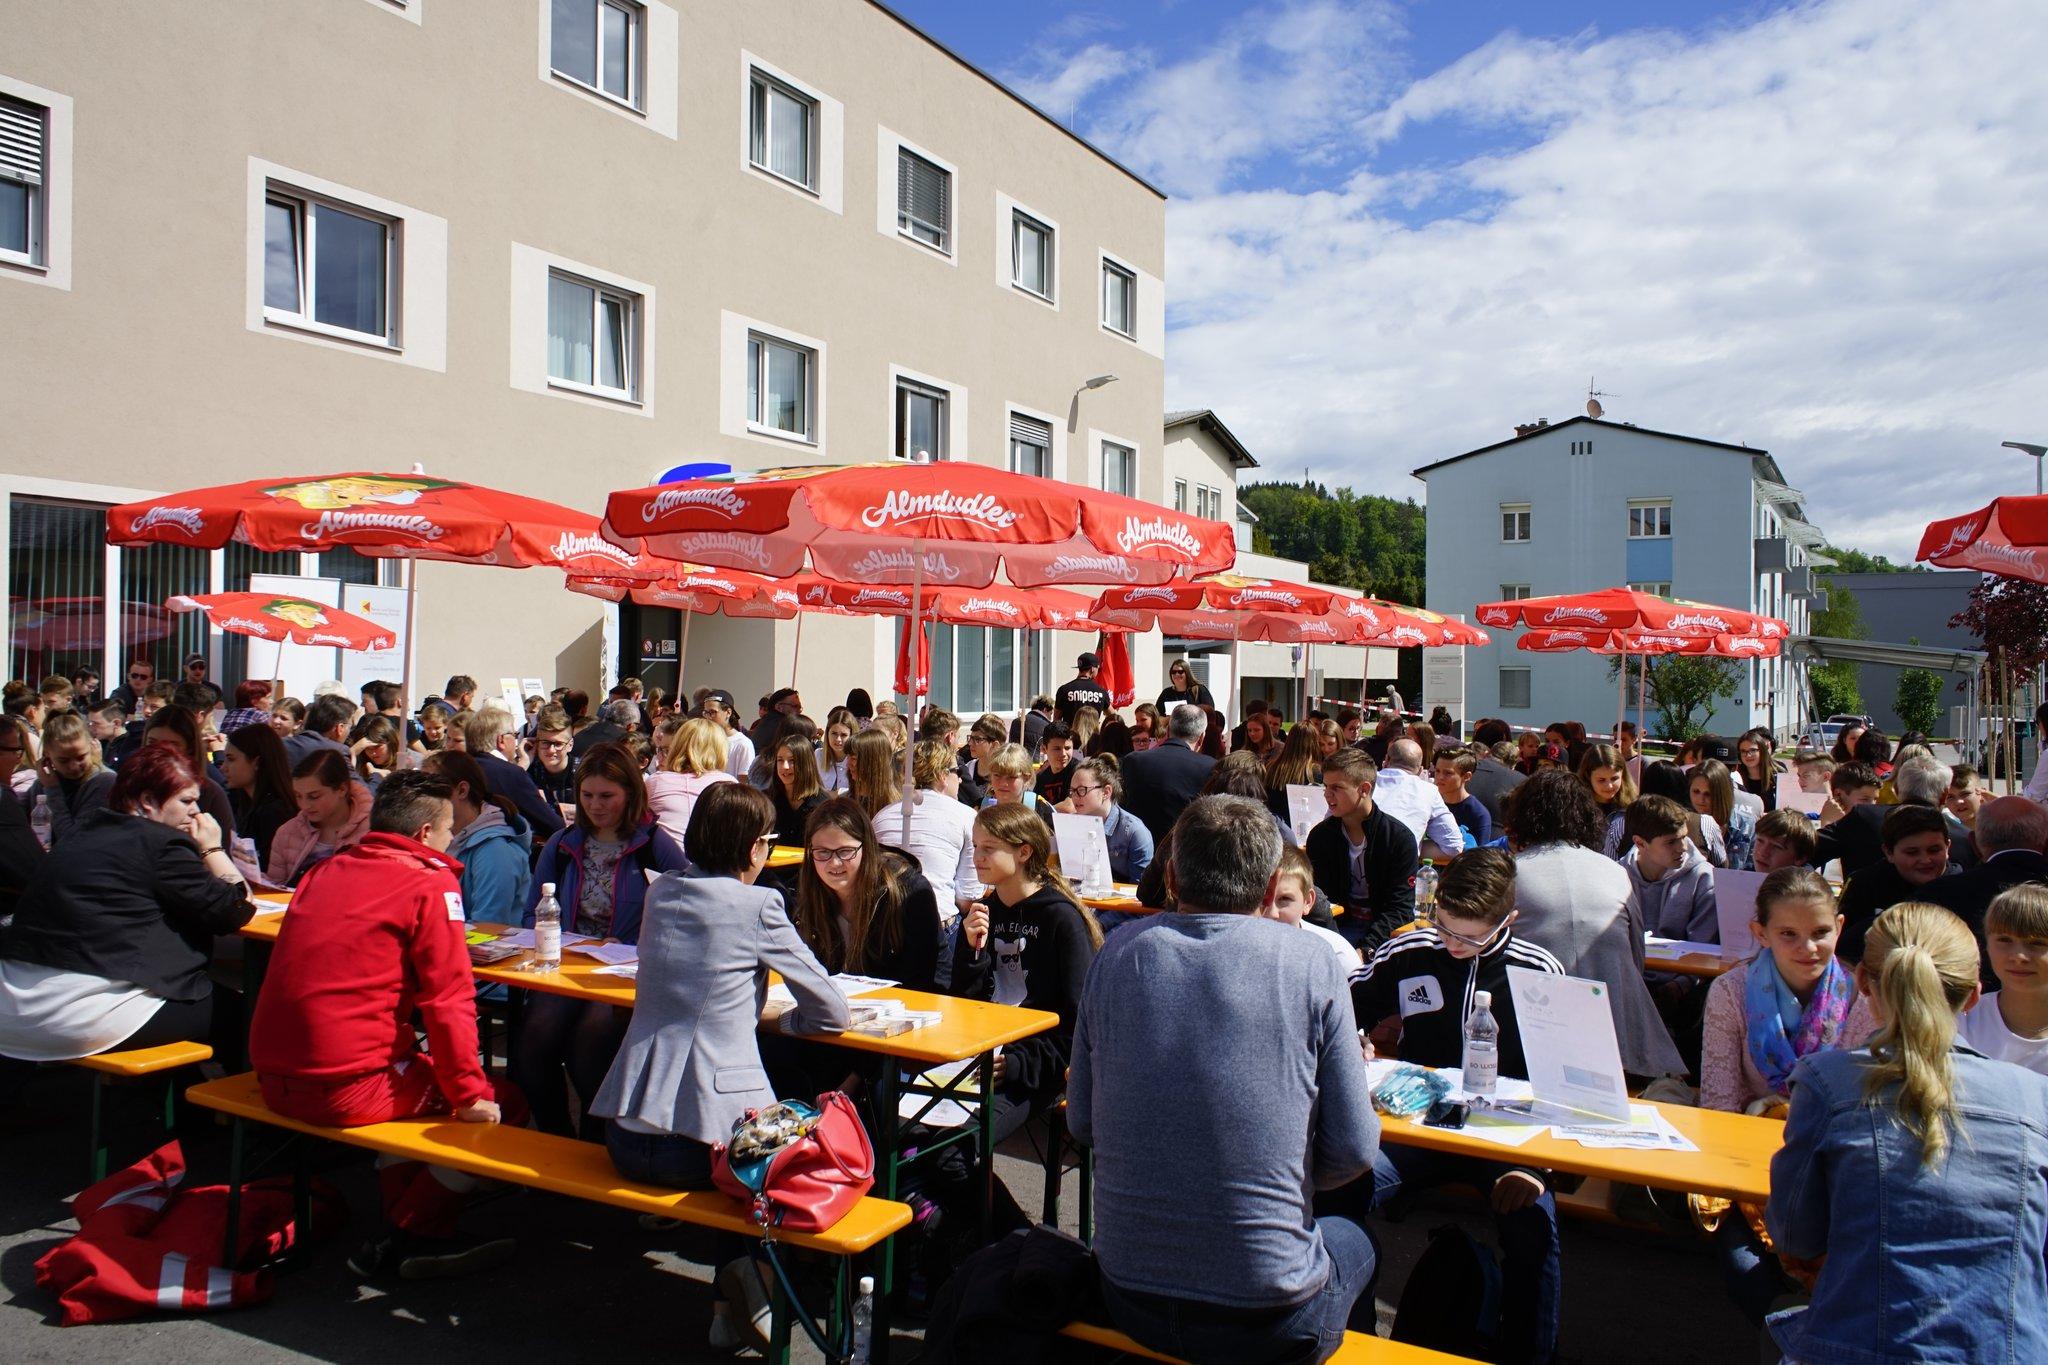 sterreich Partnersuche Singles Treibach Althofen